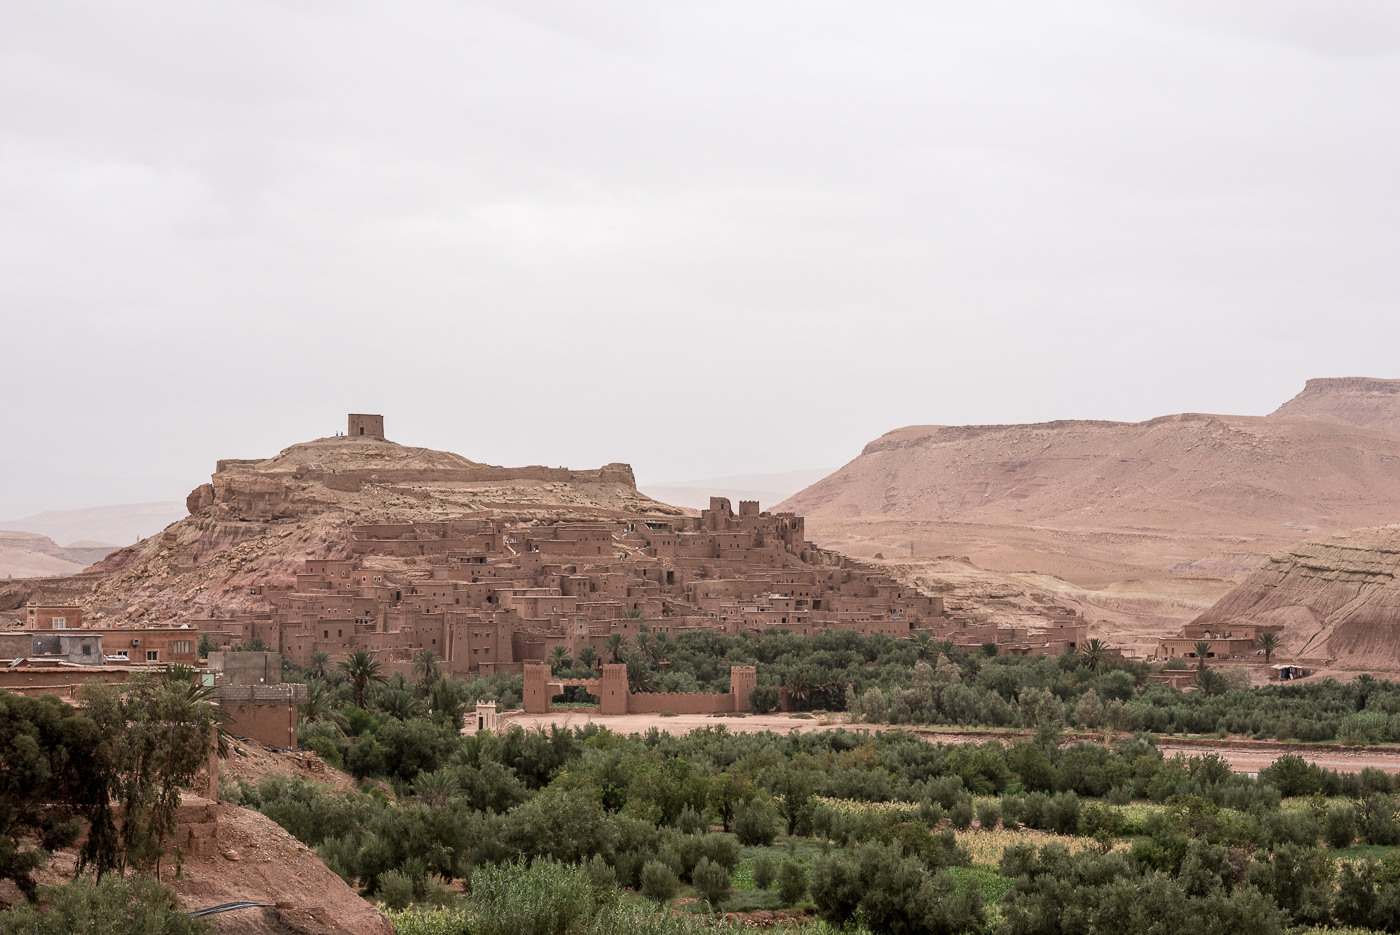 philipp schäbler marokko marrakesch essaouira-8410.jpg